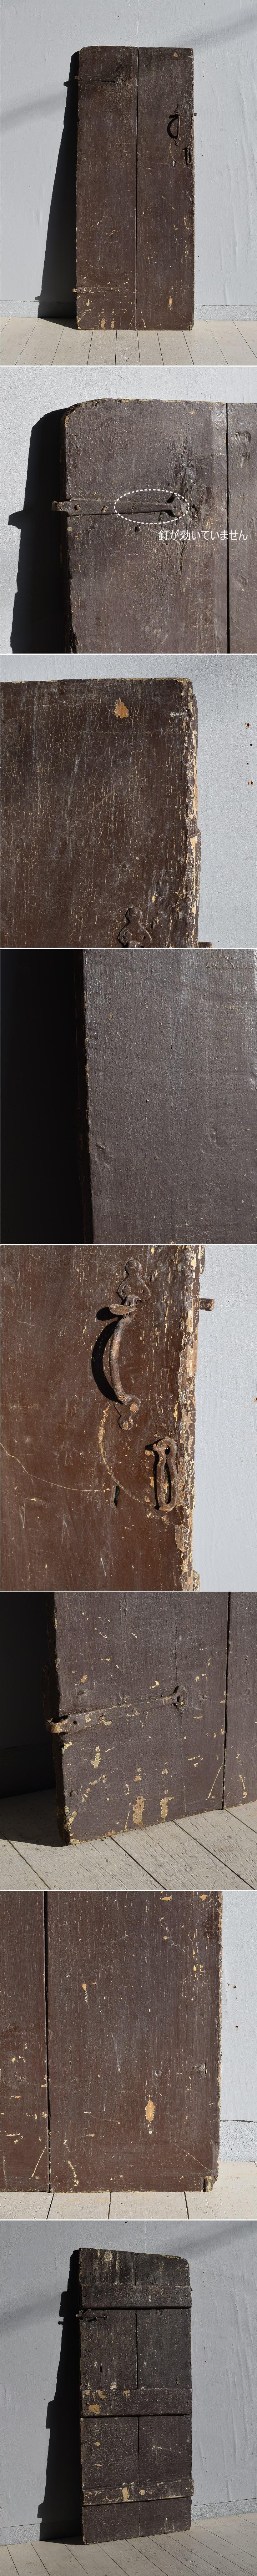 イギリス アンティーク ドア 扉 ディスプレイ 建具 7771